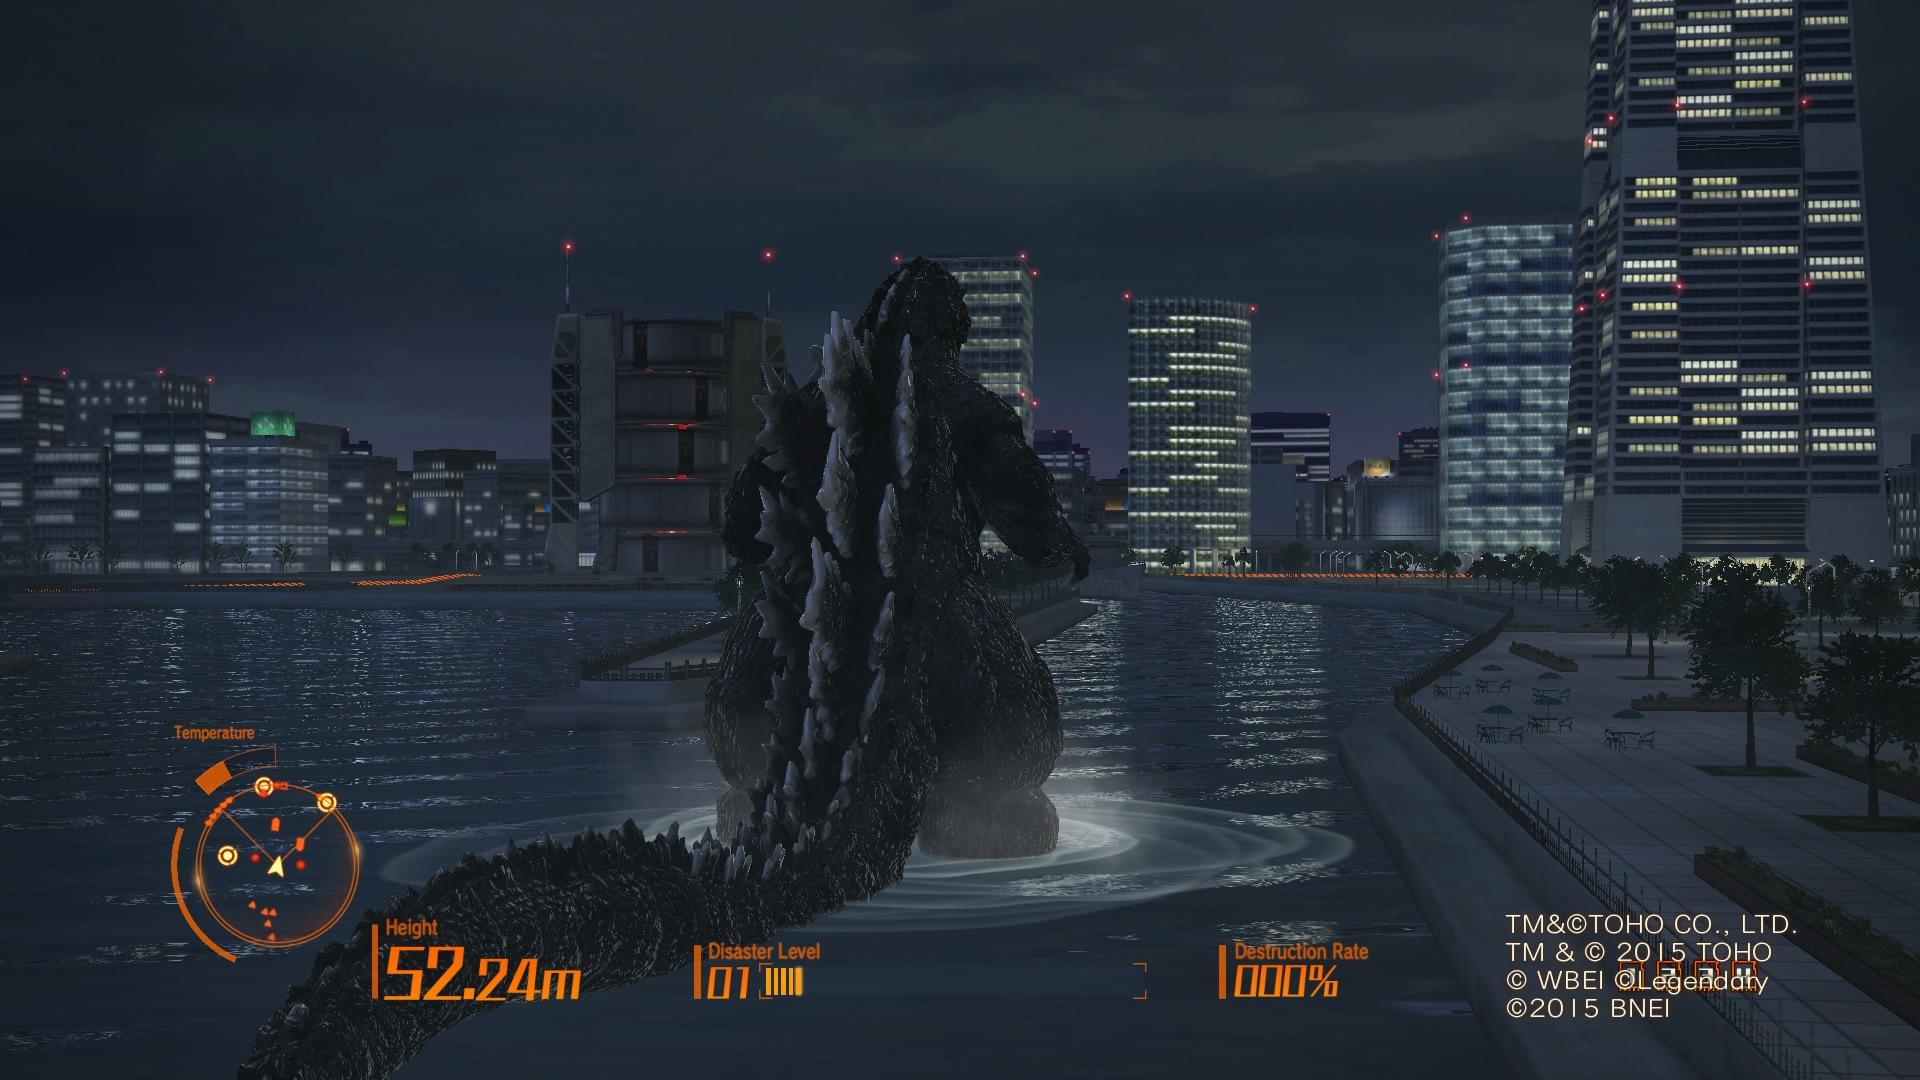 Das ist allen Ernstes die PS4 Version.